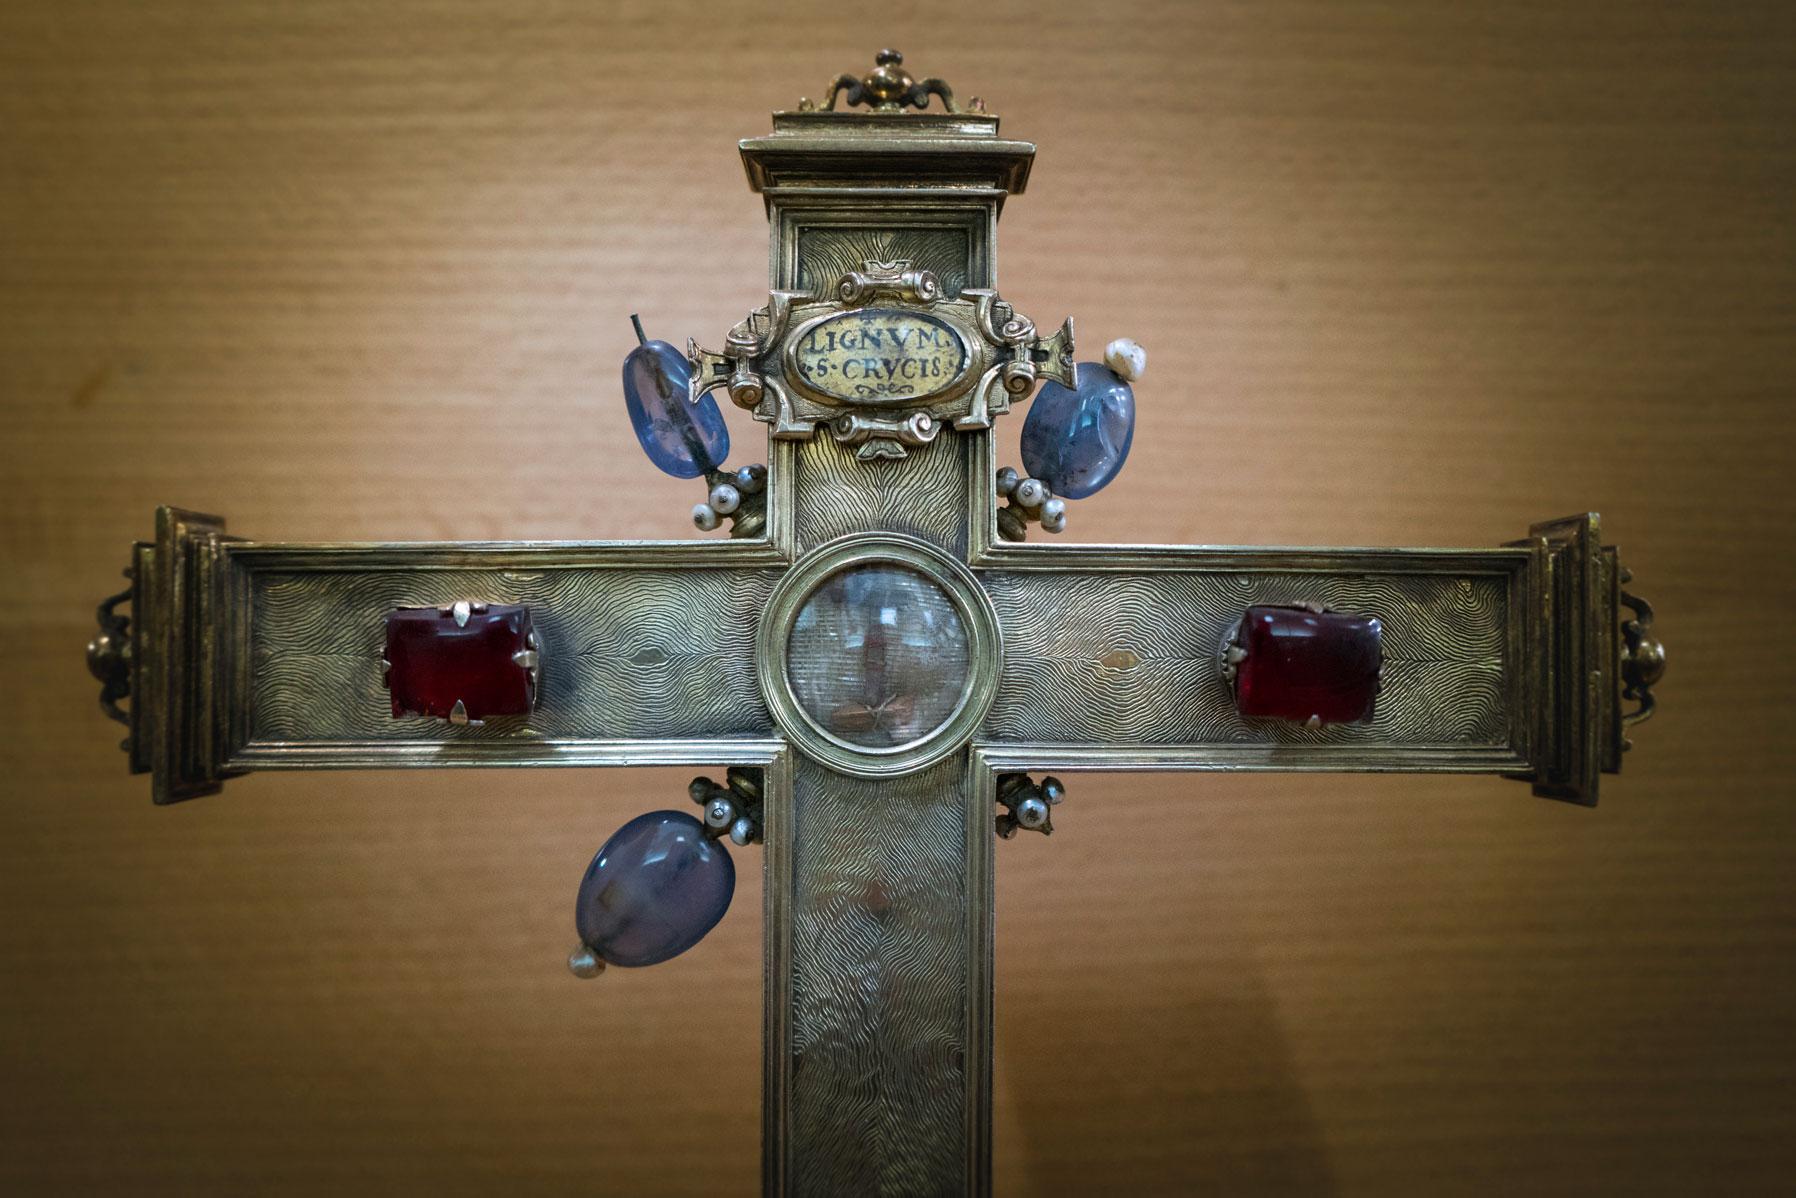 Reliquia Lignum Crucis